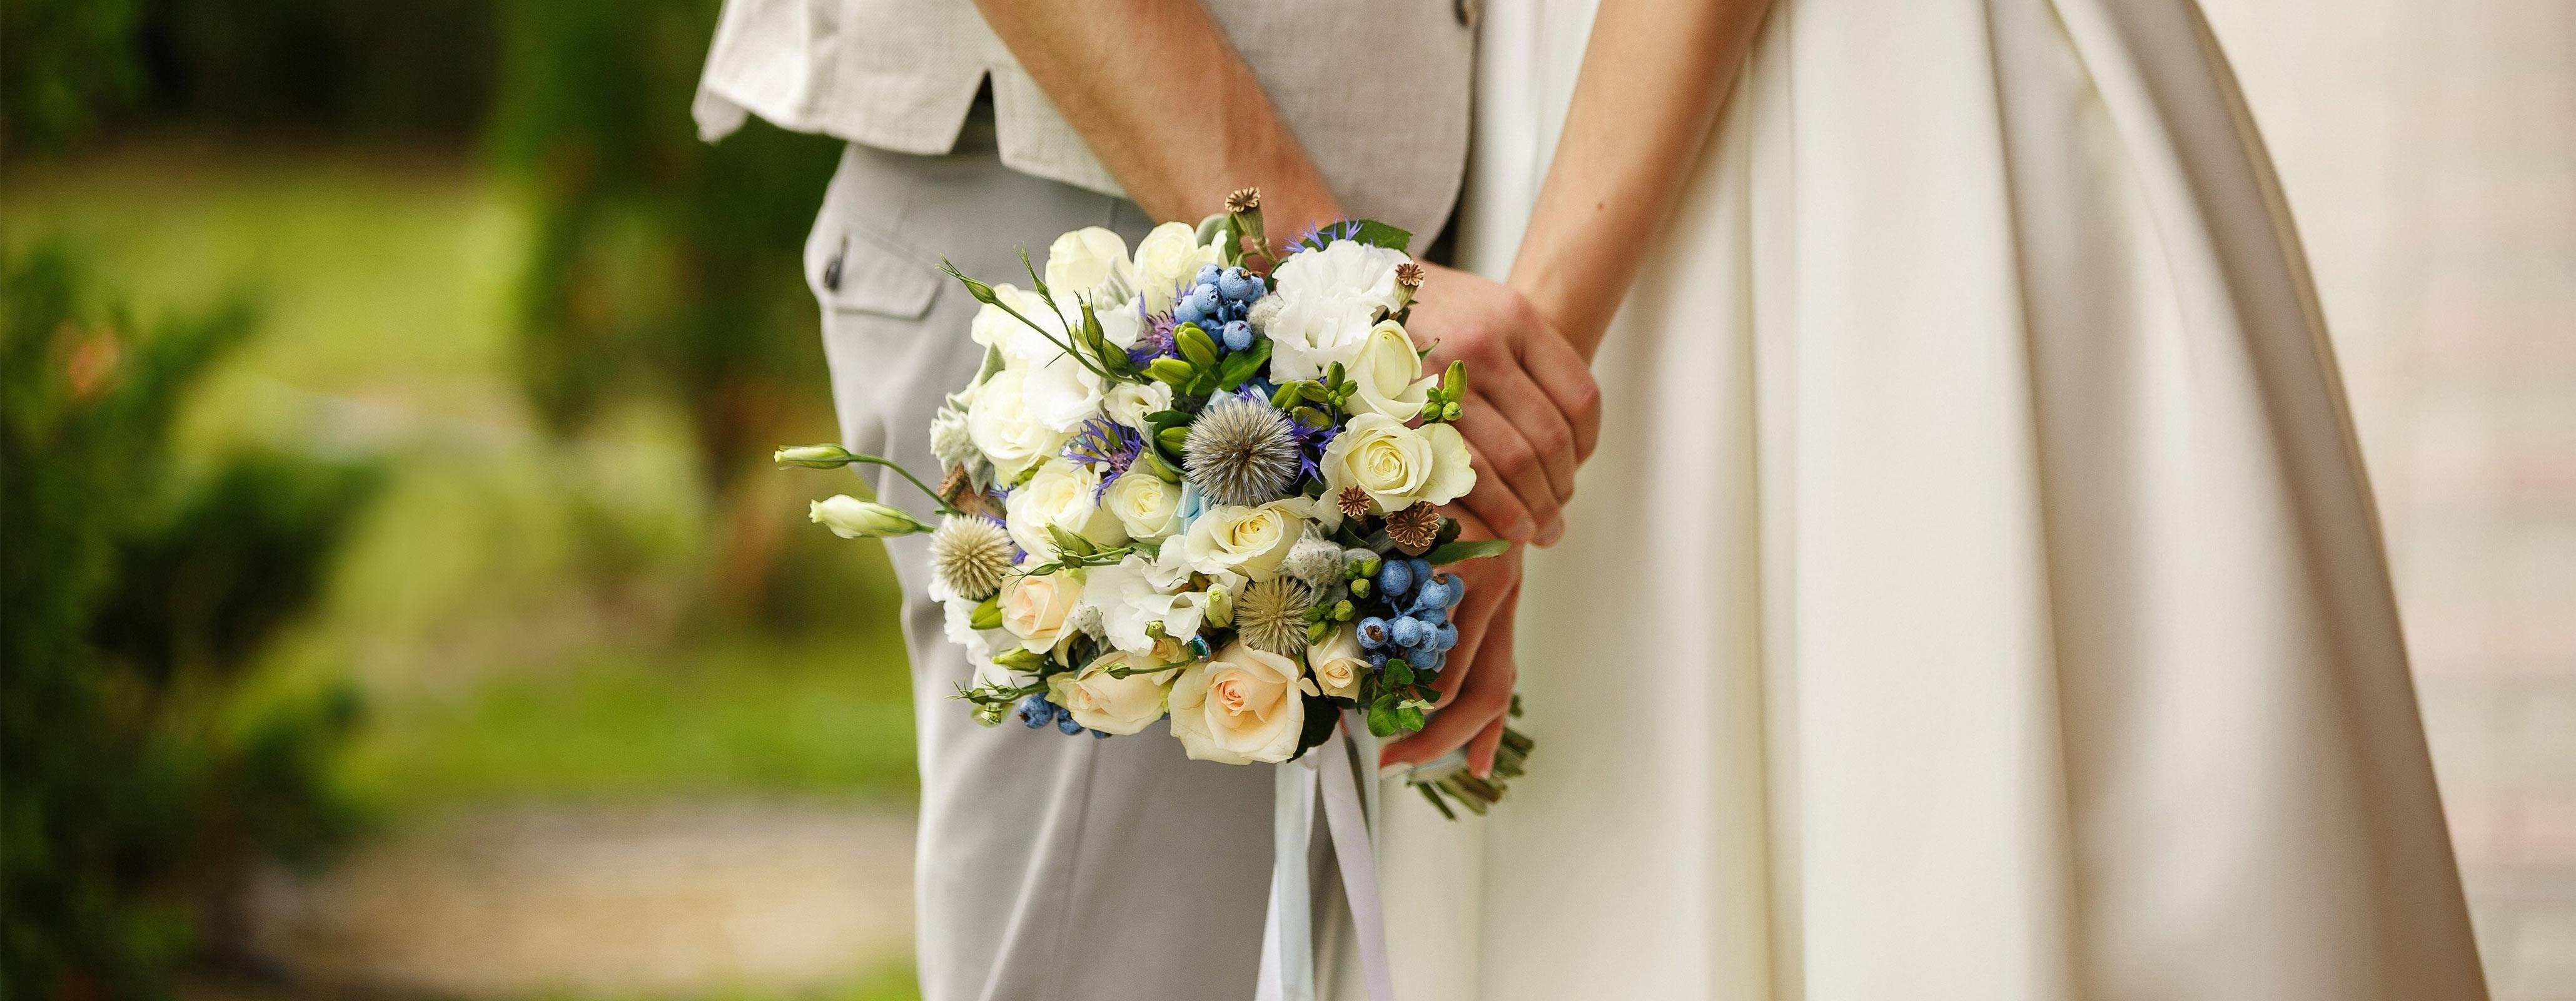 Bruidspaar met bloemen